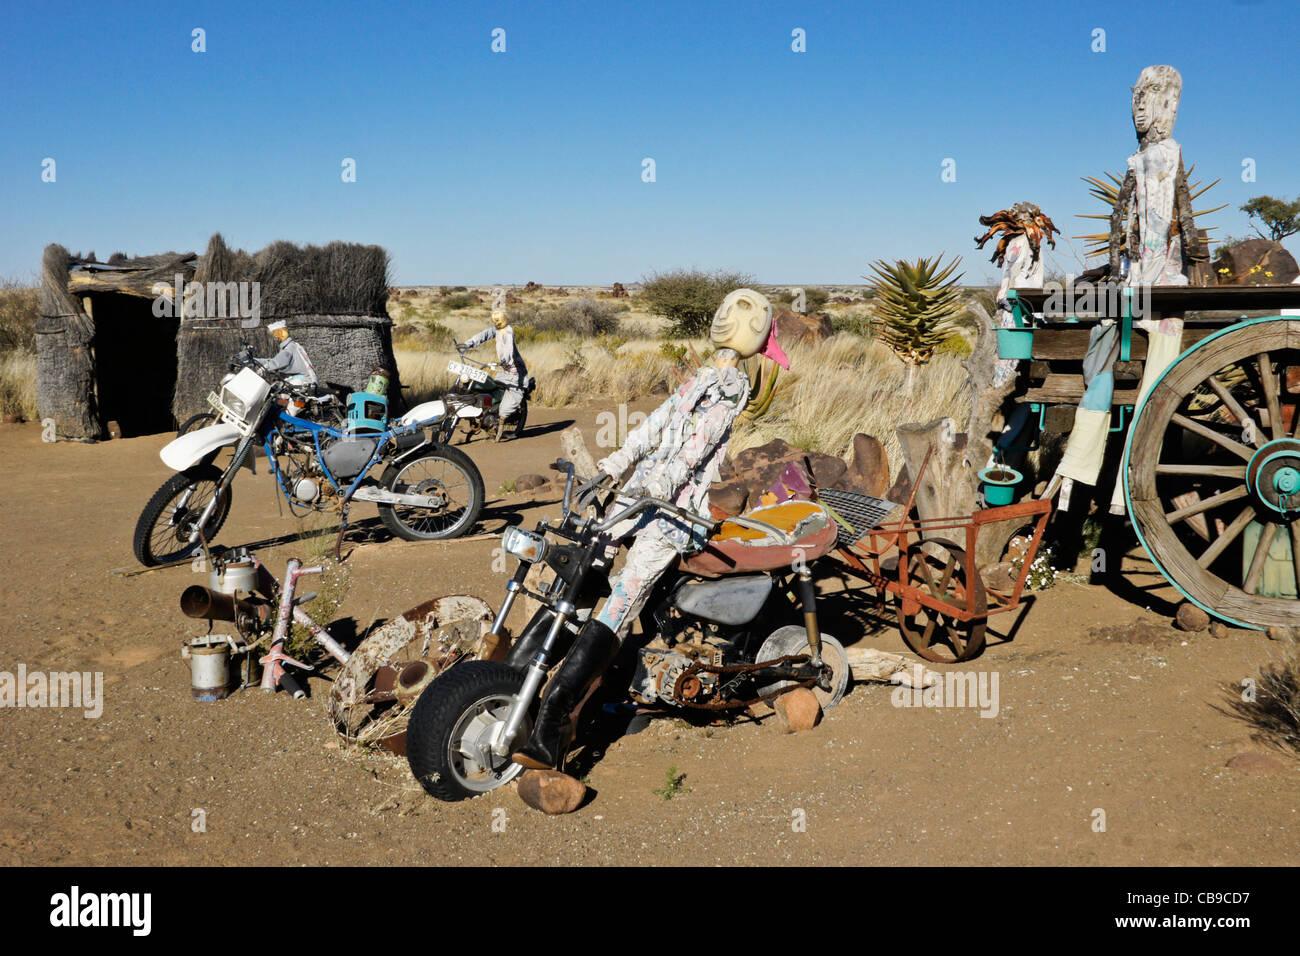 'Junkyard art' at Garas Quiver Tree Park, Gariganus Farm, Namibia - Stock Image